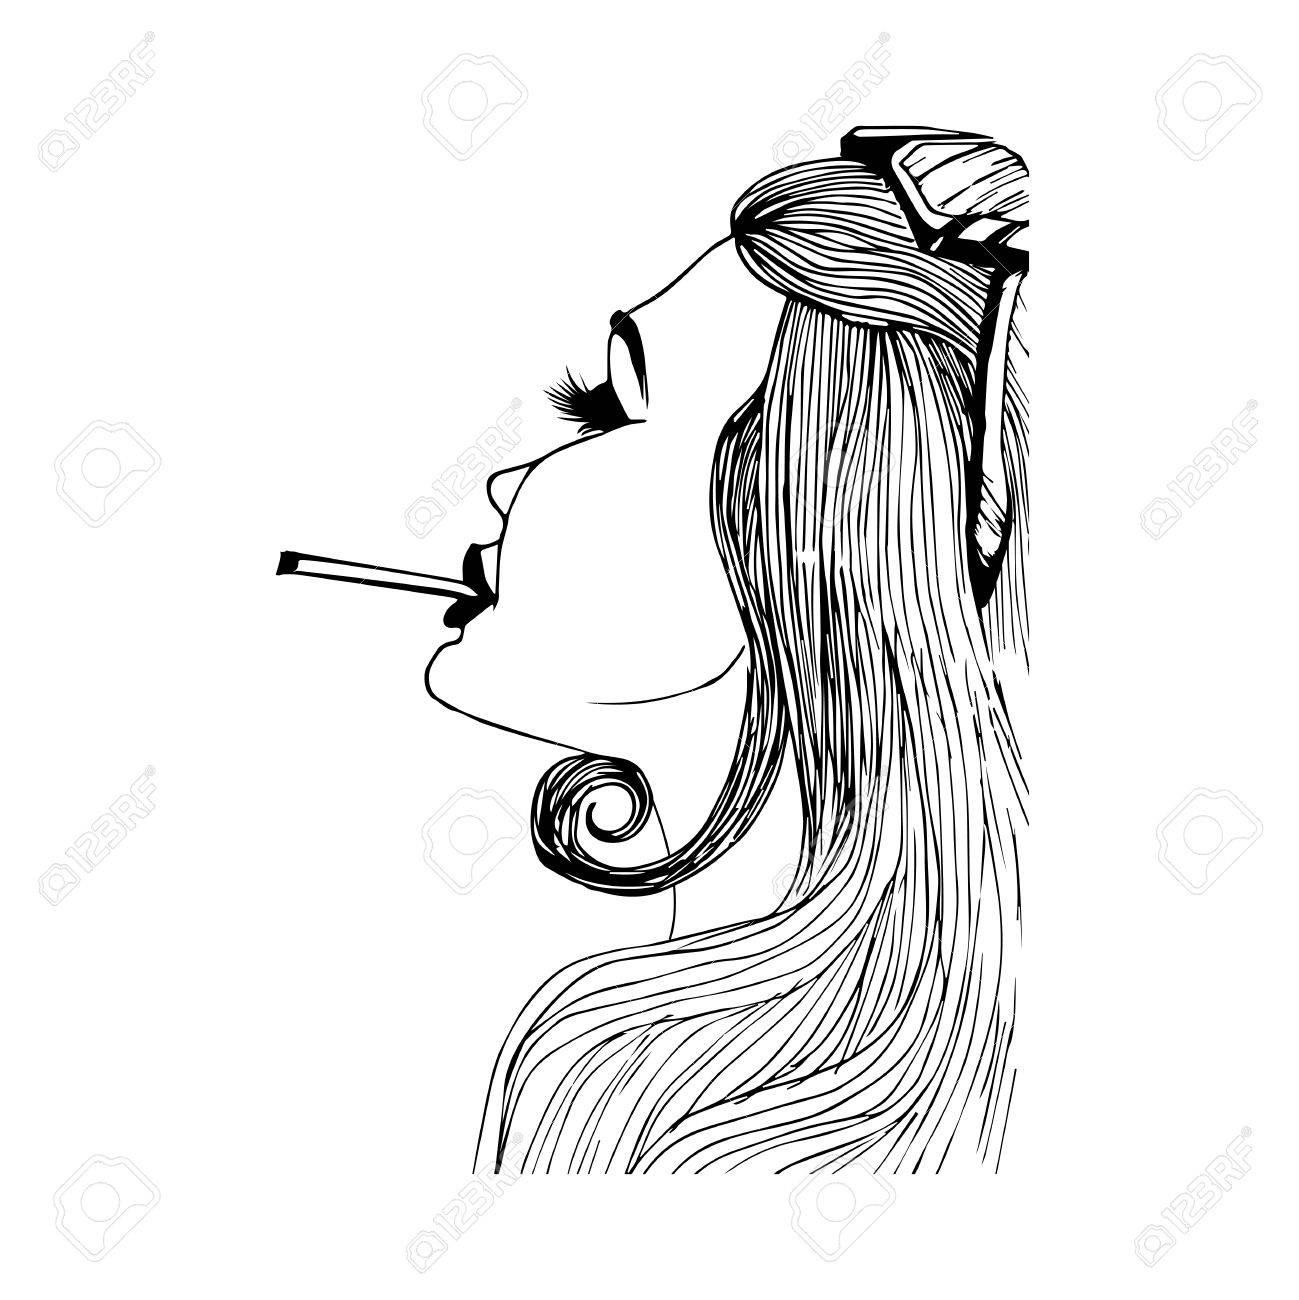 Vettoriale La Ragazza è Dipinta A Mano Con Sigaretta Su Uno Sfondo